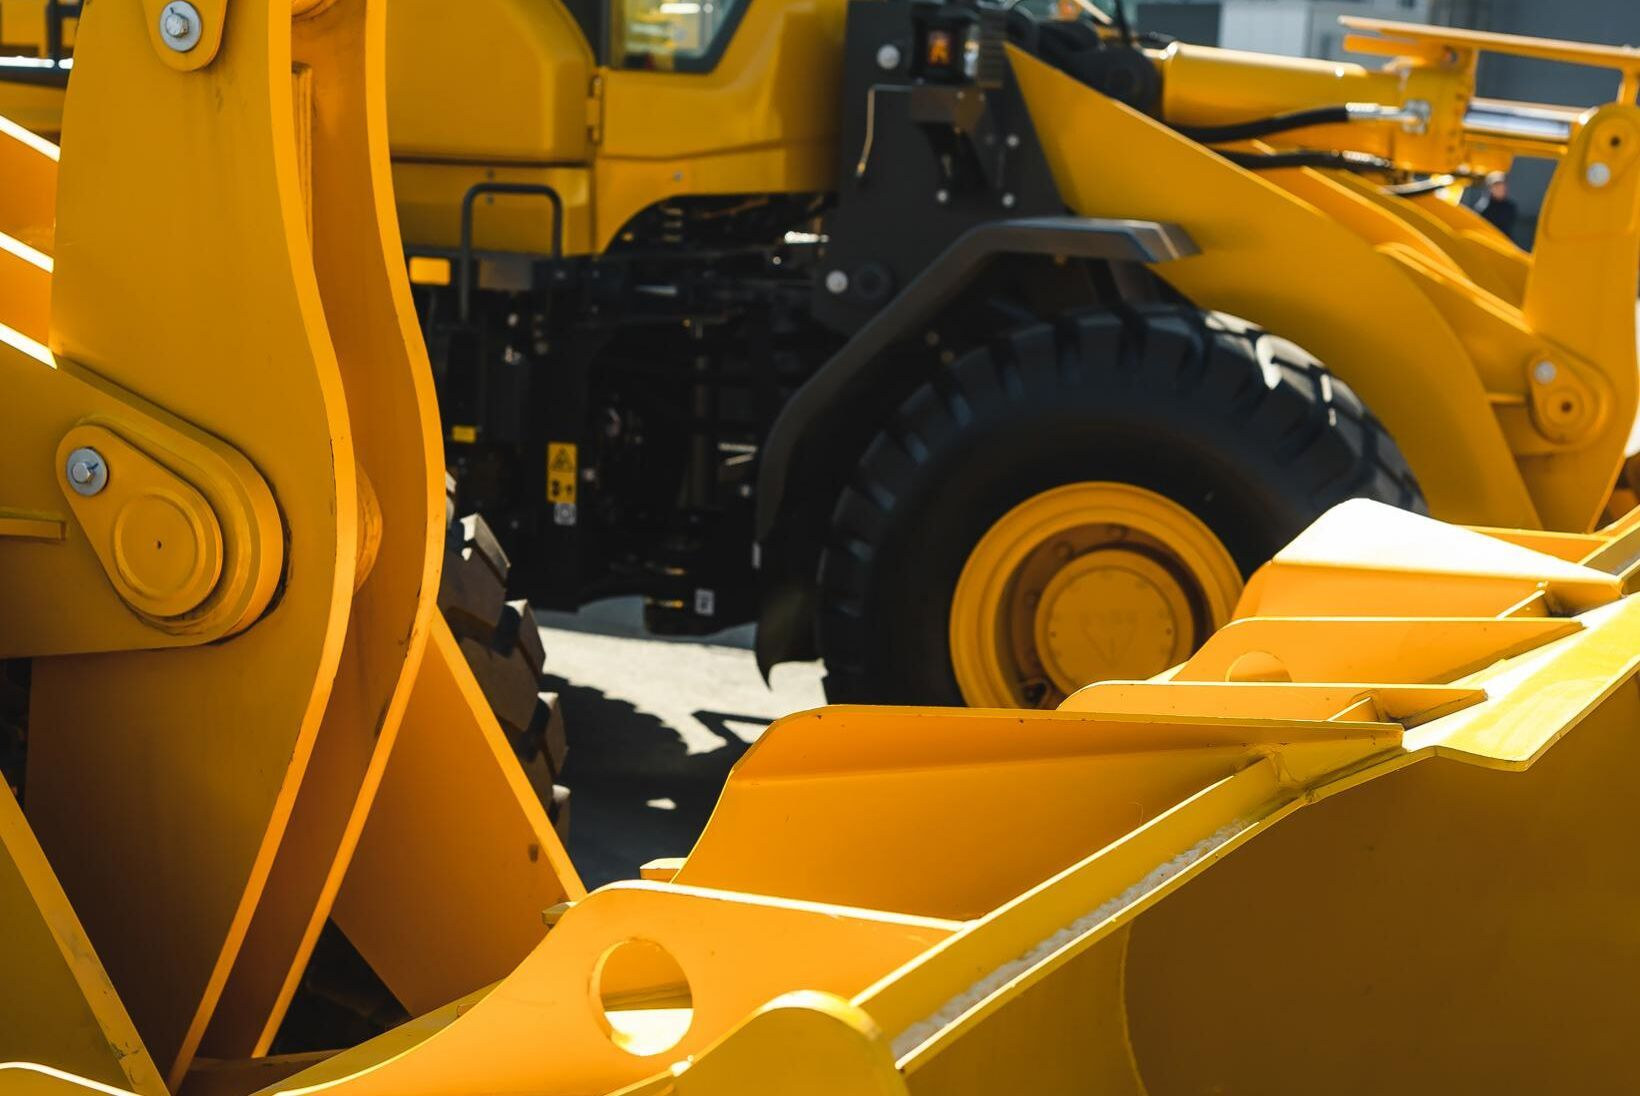 Två gånger på två dagar stals Filipstads specialmaskiners hjullastare. (Arkivbild, ej maskinen som artikeln handlar om.)